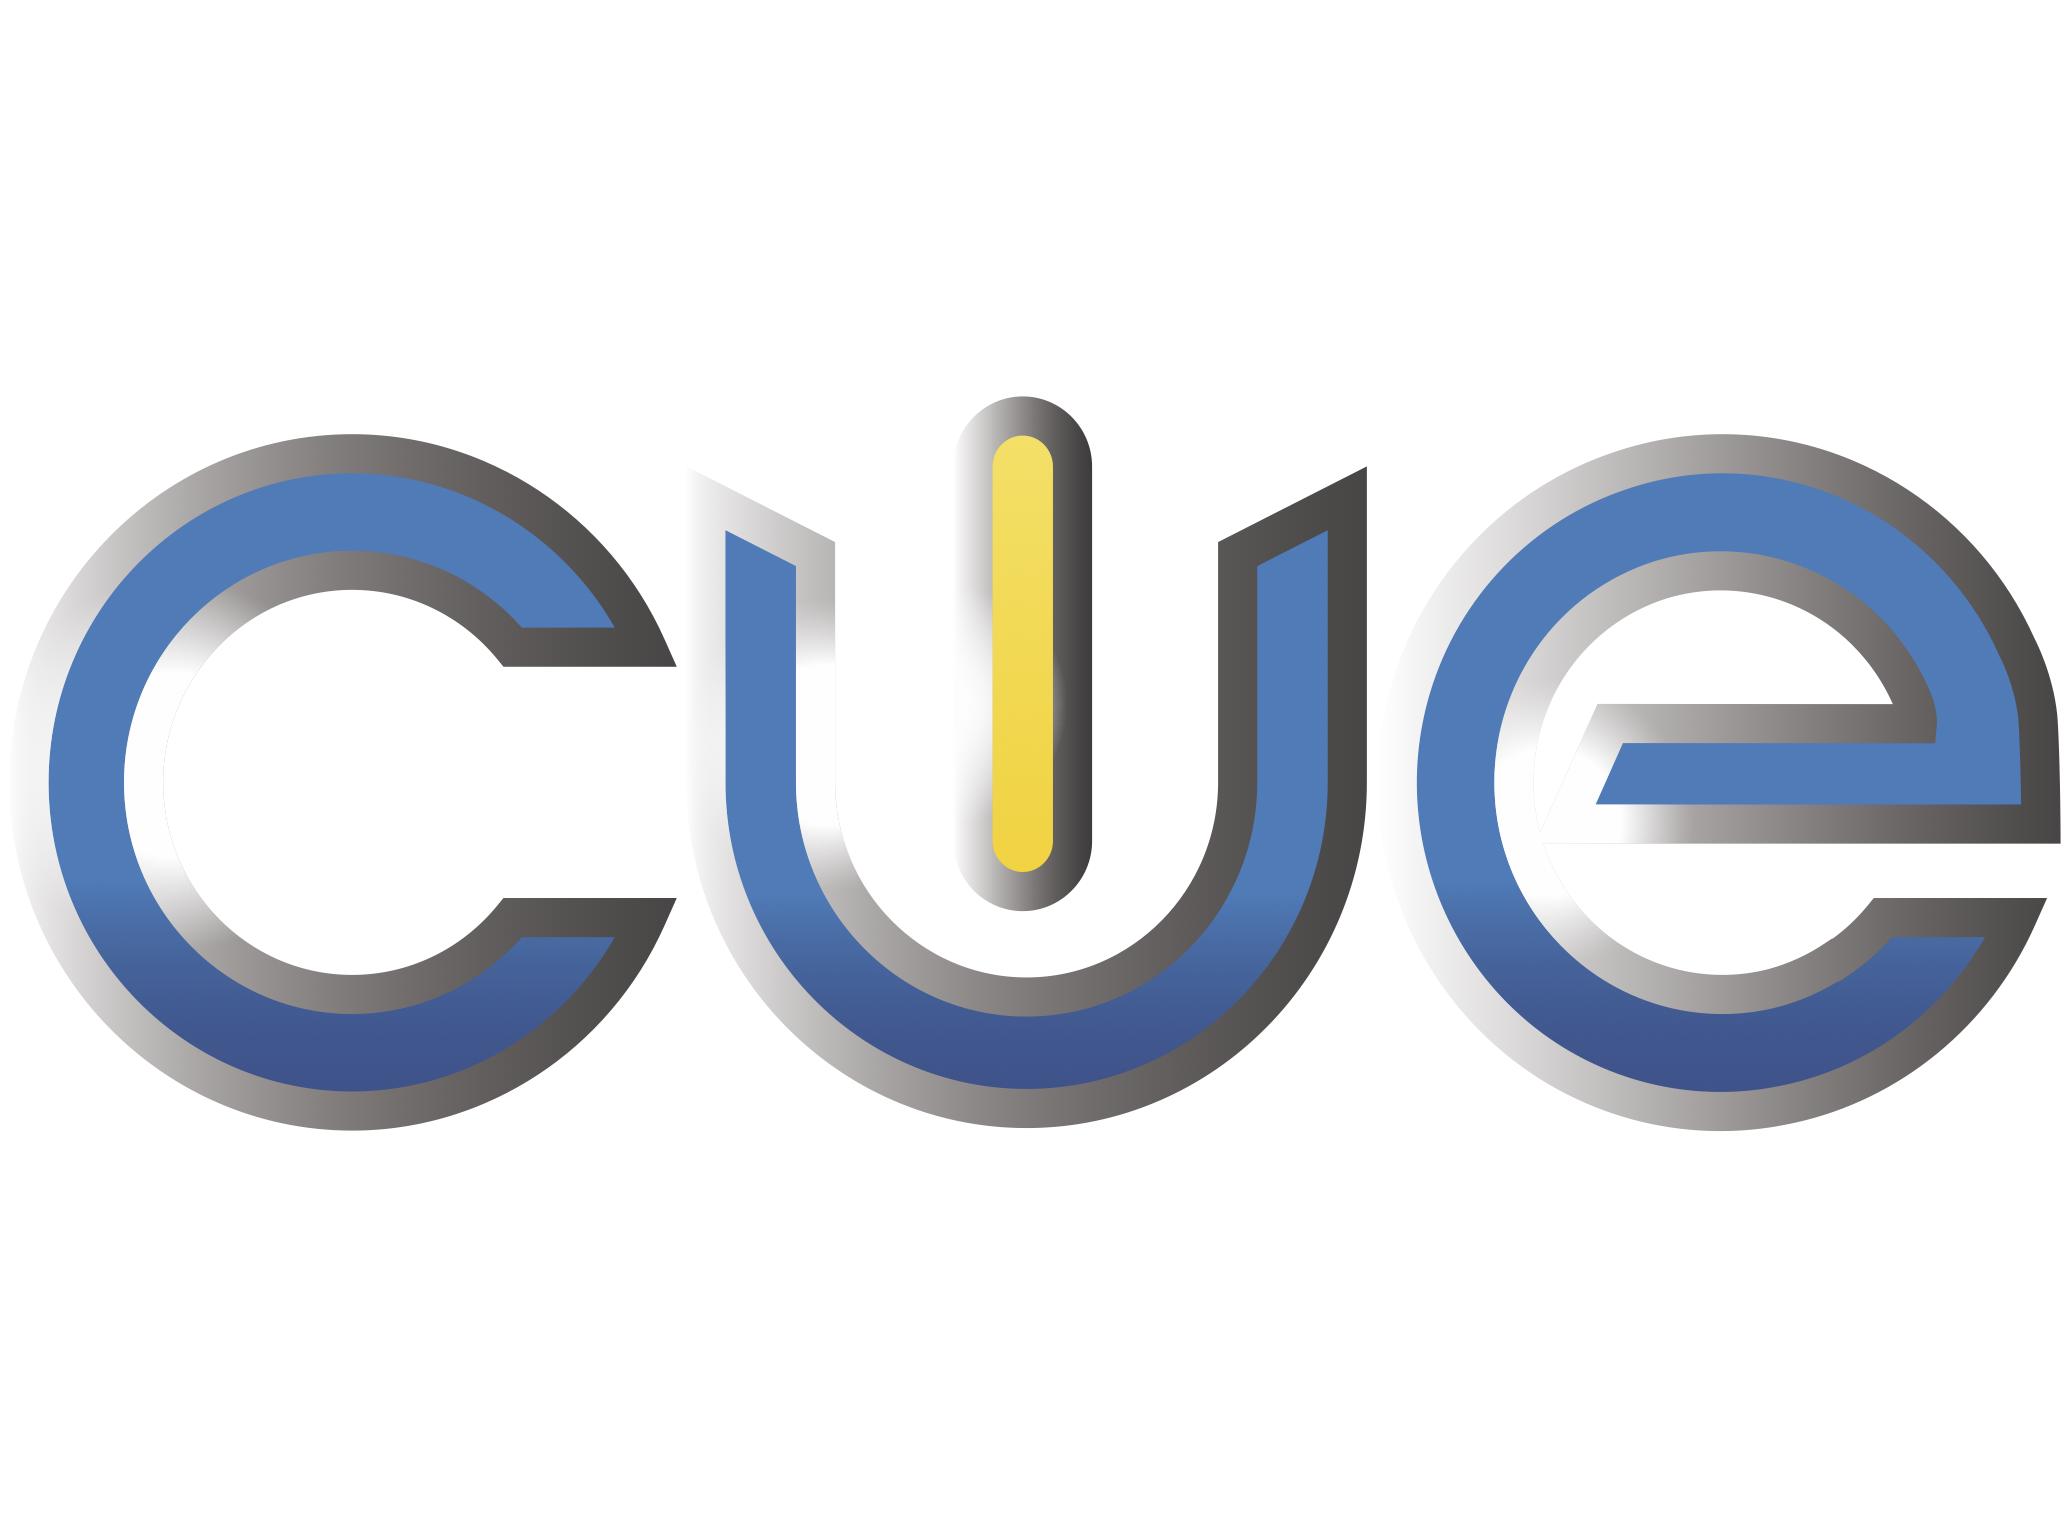 CUE logo variation 2